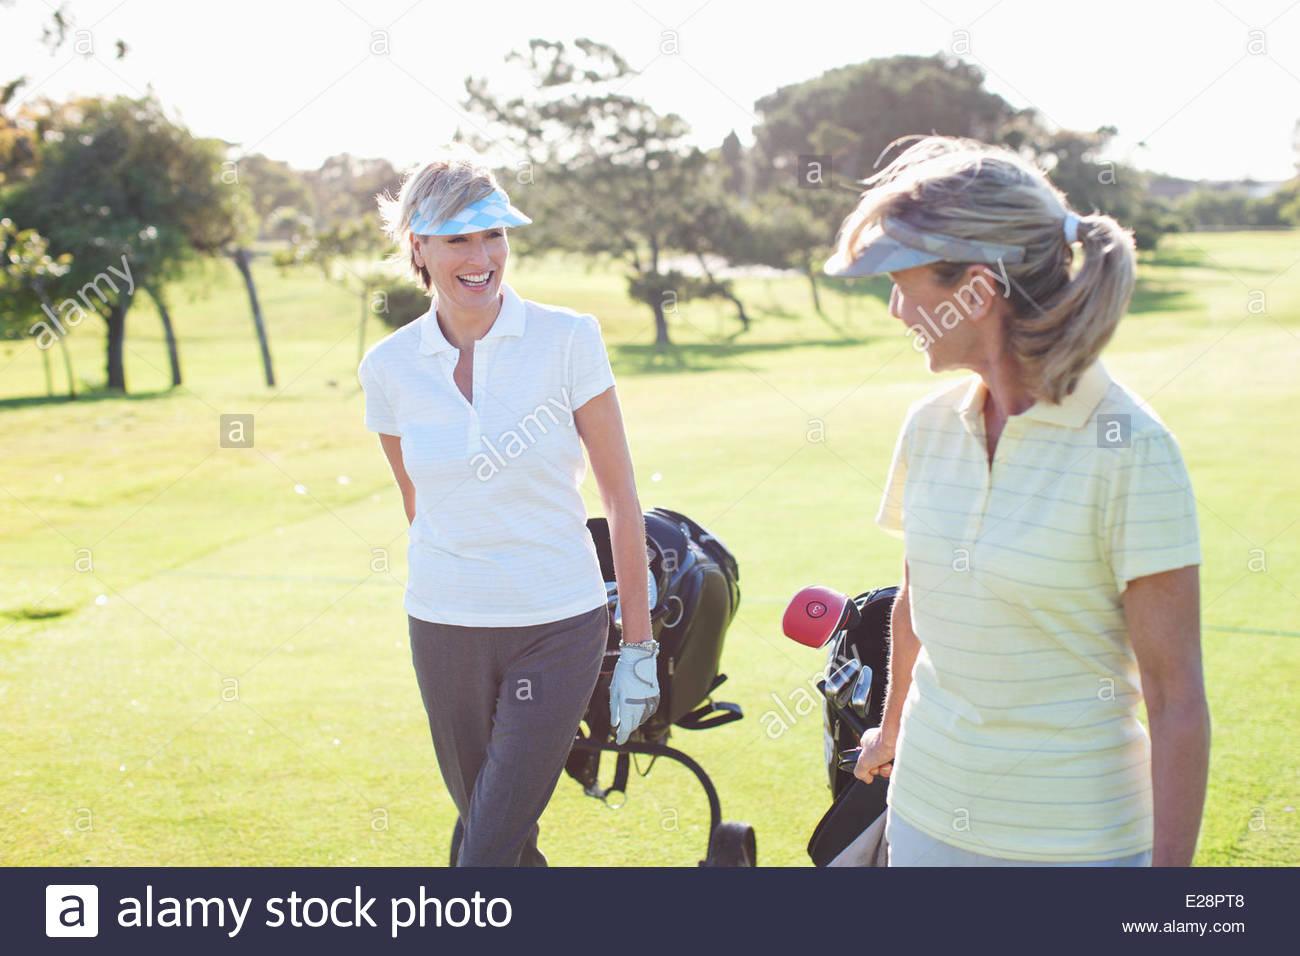 Mujer jugando al golf Imagen De Stock